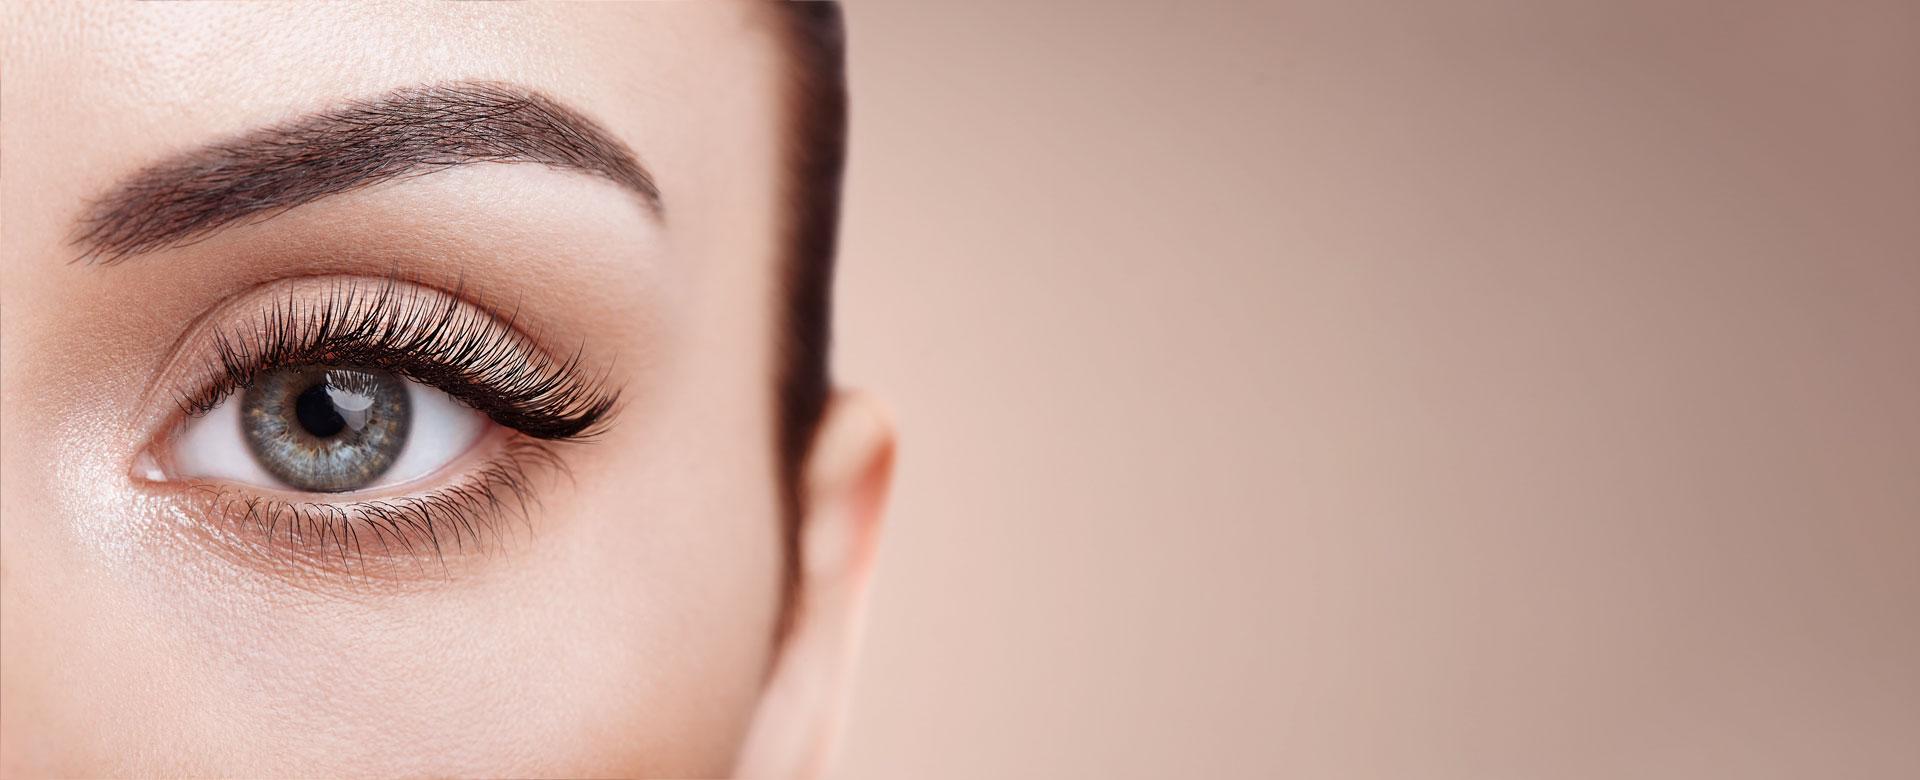 female-eye-with-long-false-eyelashes-RK44MKR